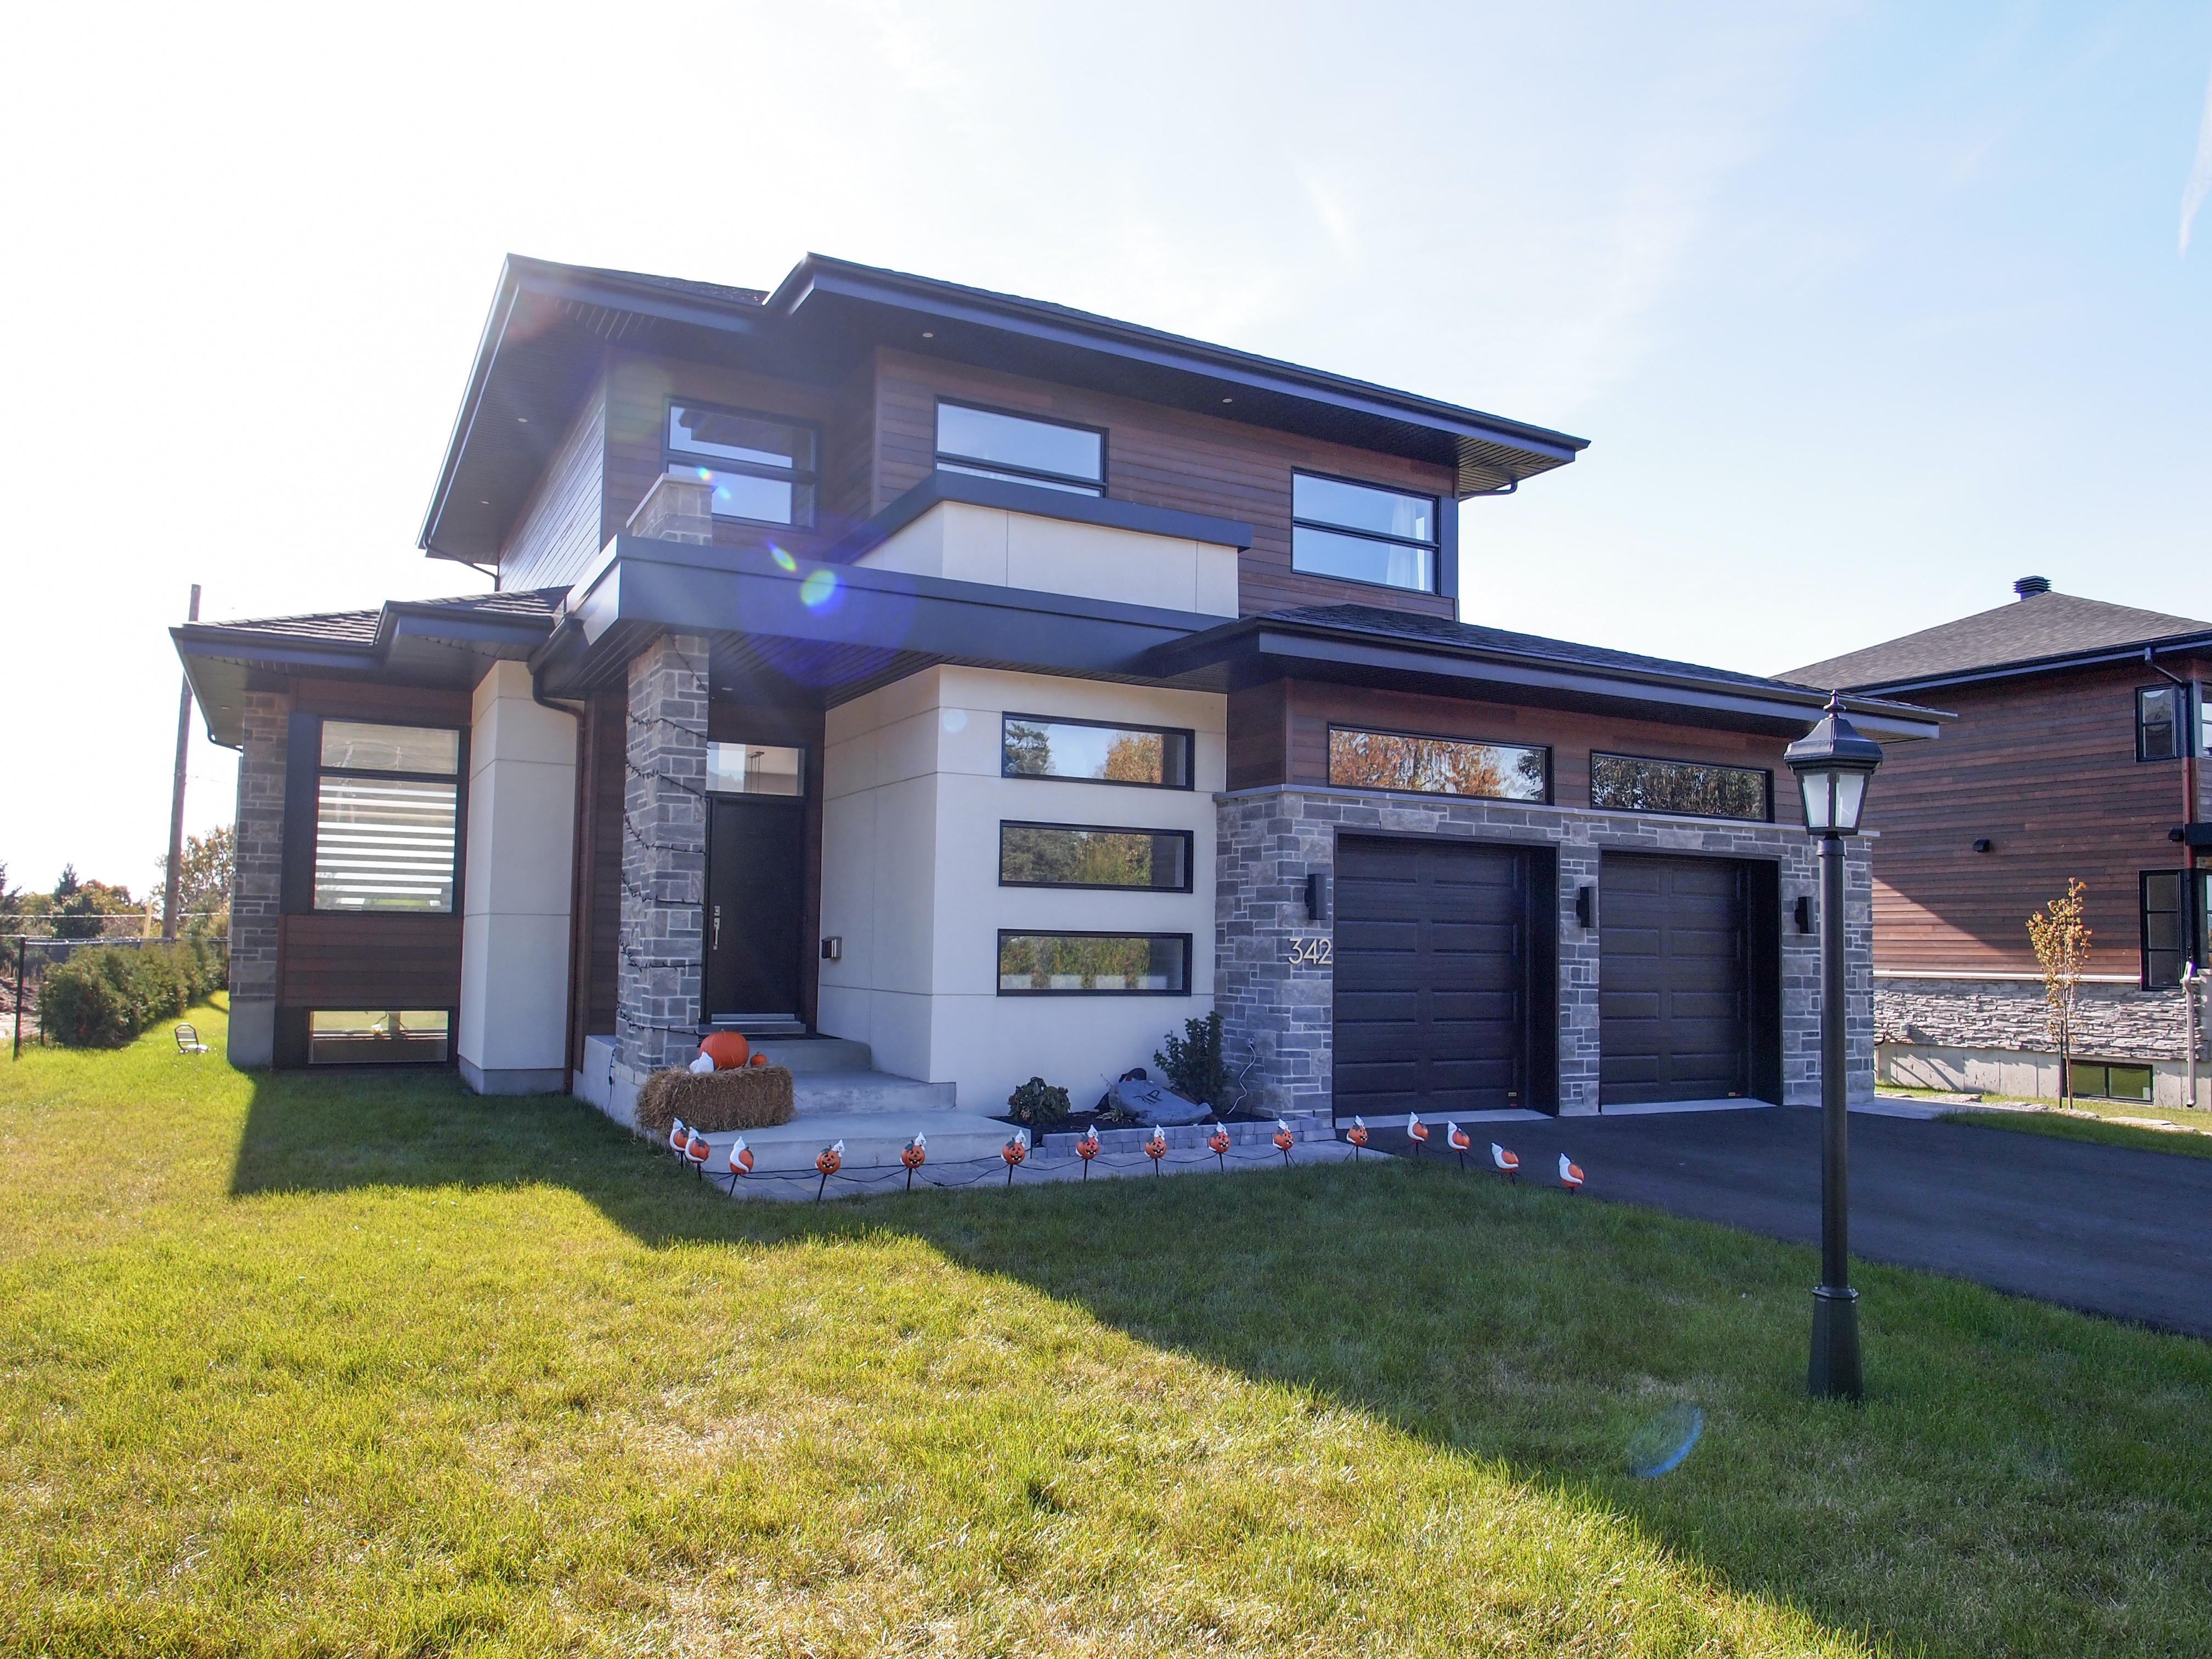 Probleme avec constructeur maison individuelle segu maison for Promoteur maison individuelle